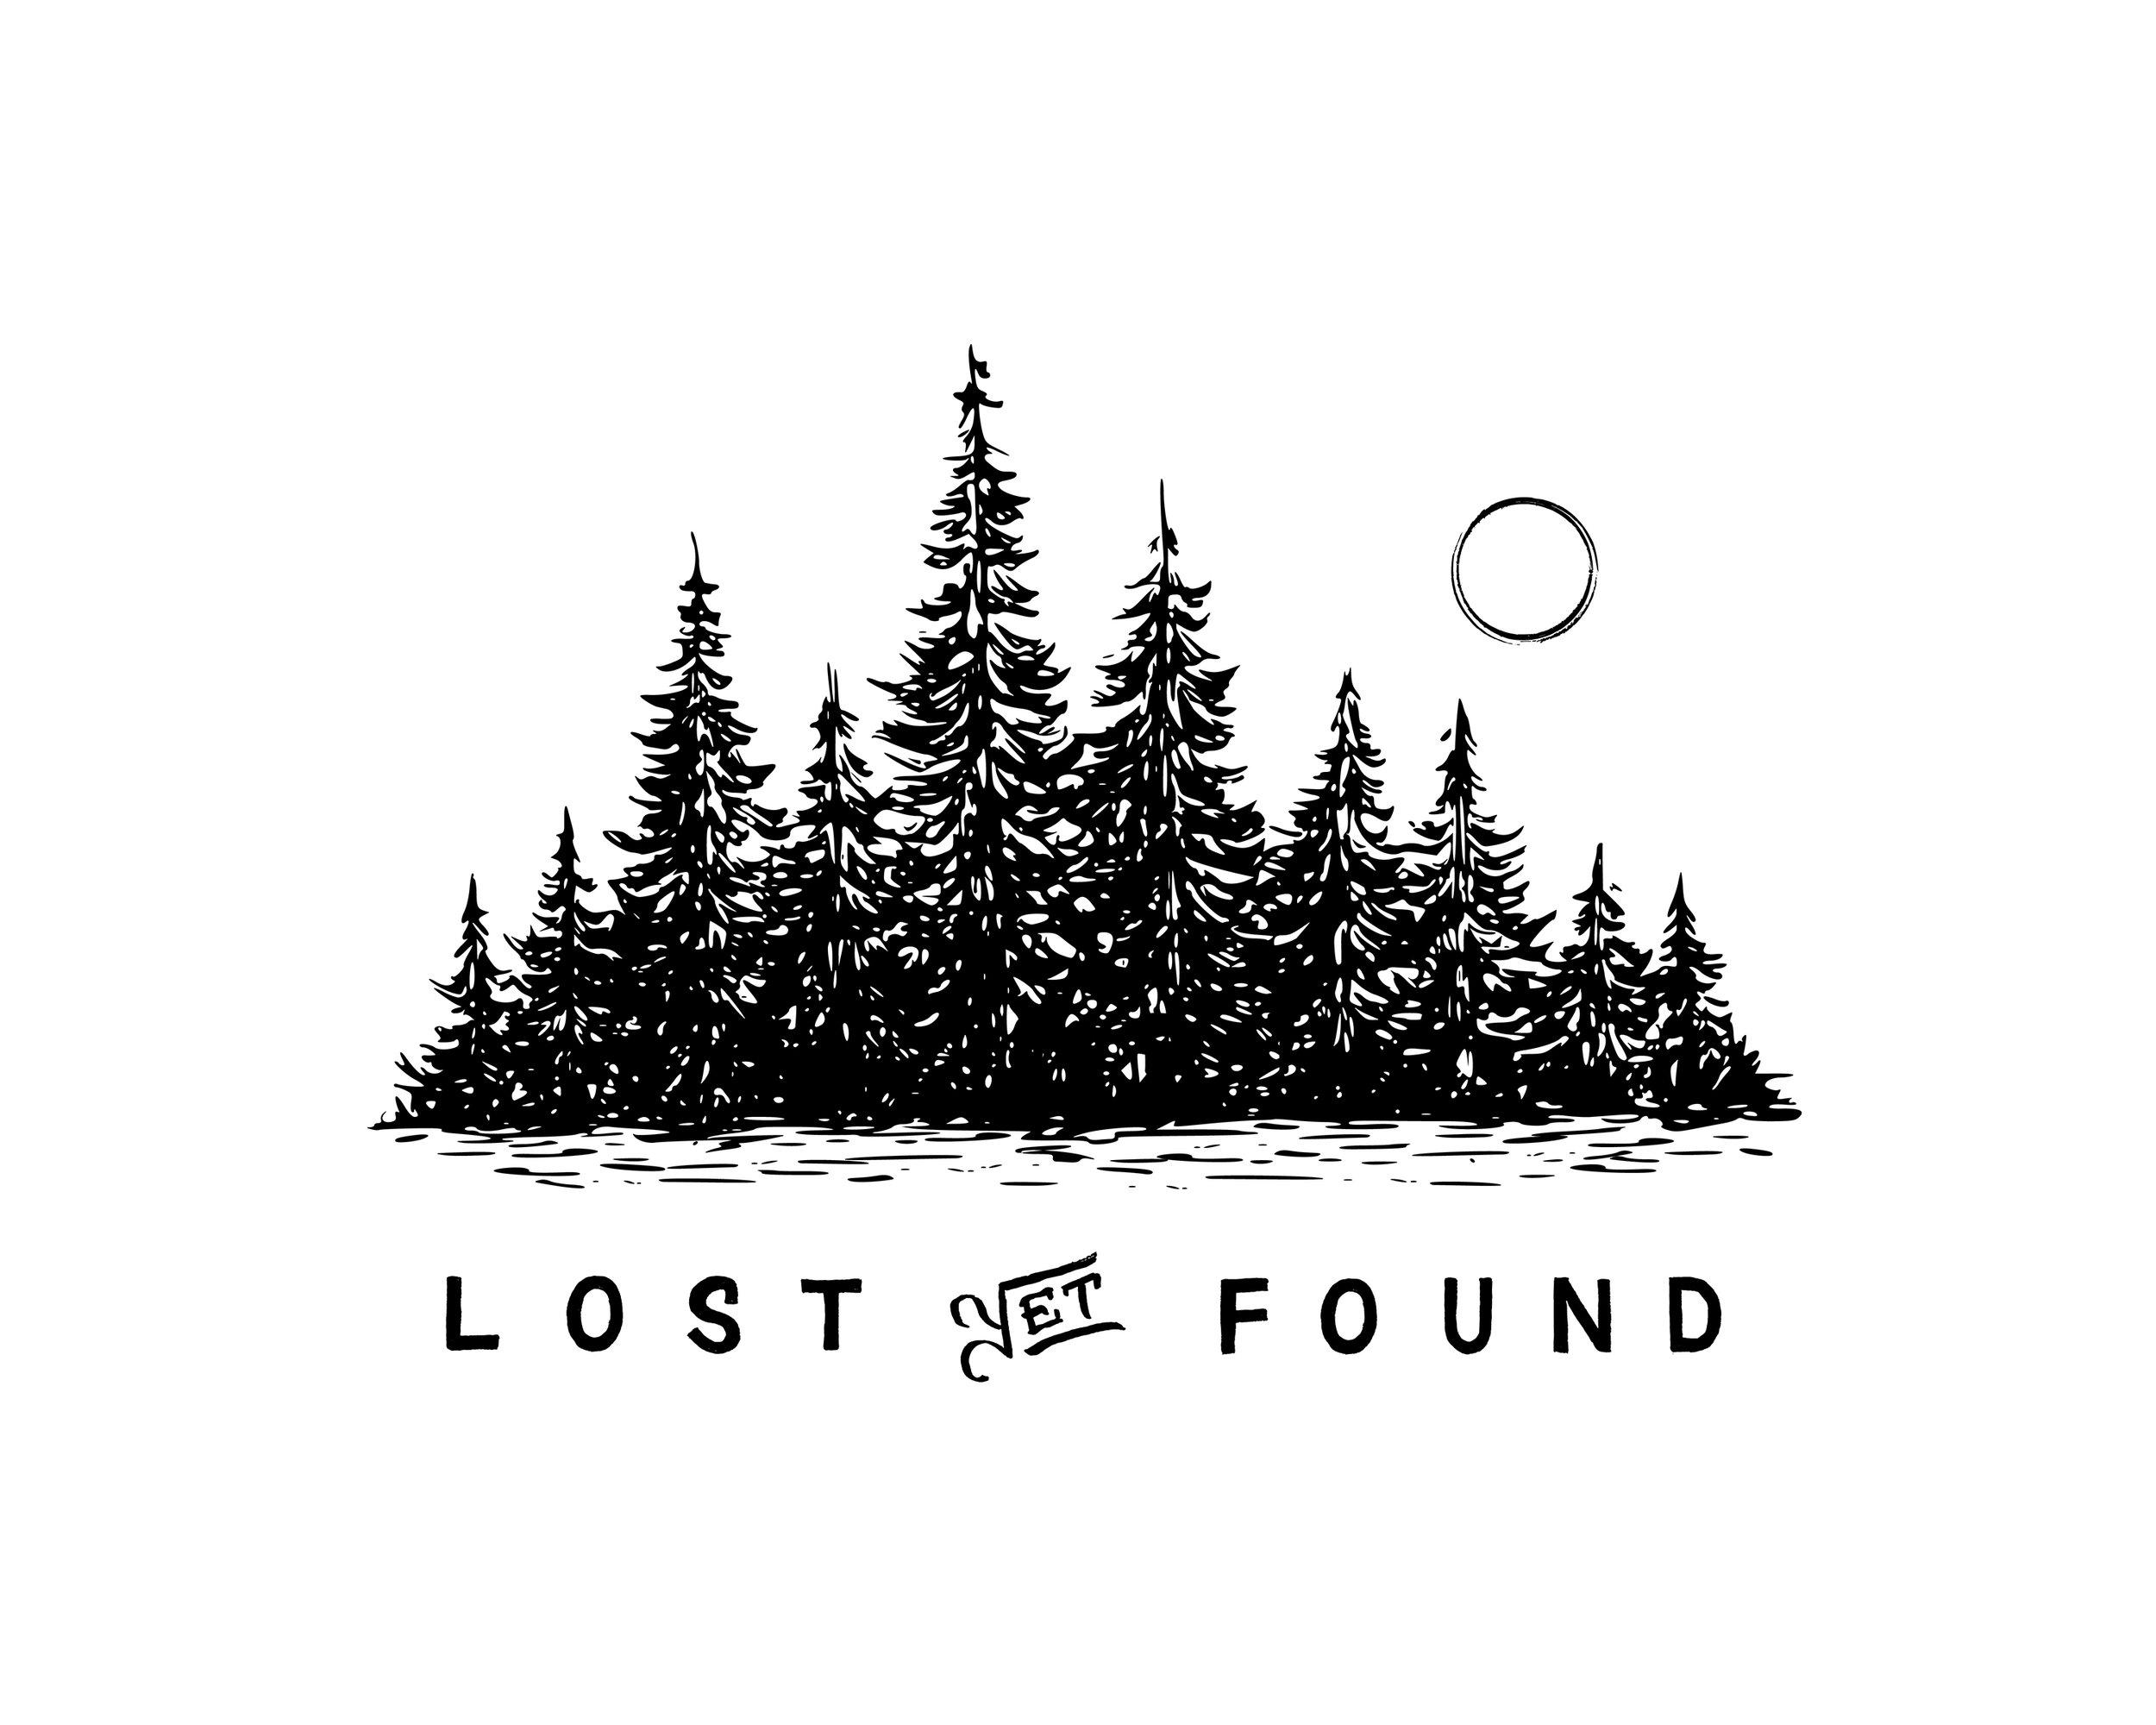 AnchorGrey-Poster-LostYetFound-Landscape-Black.jpg